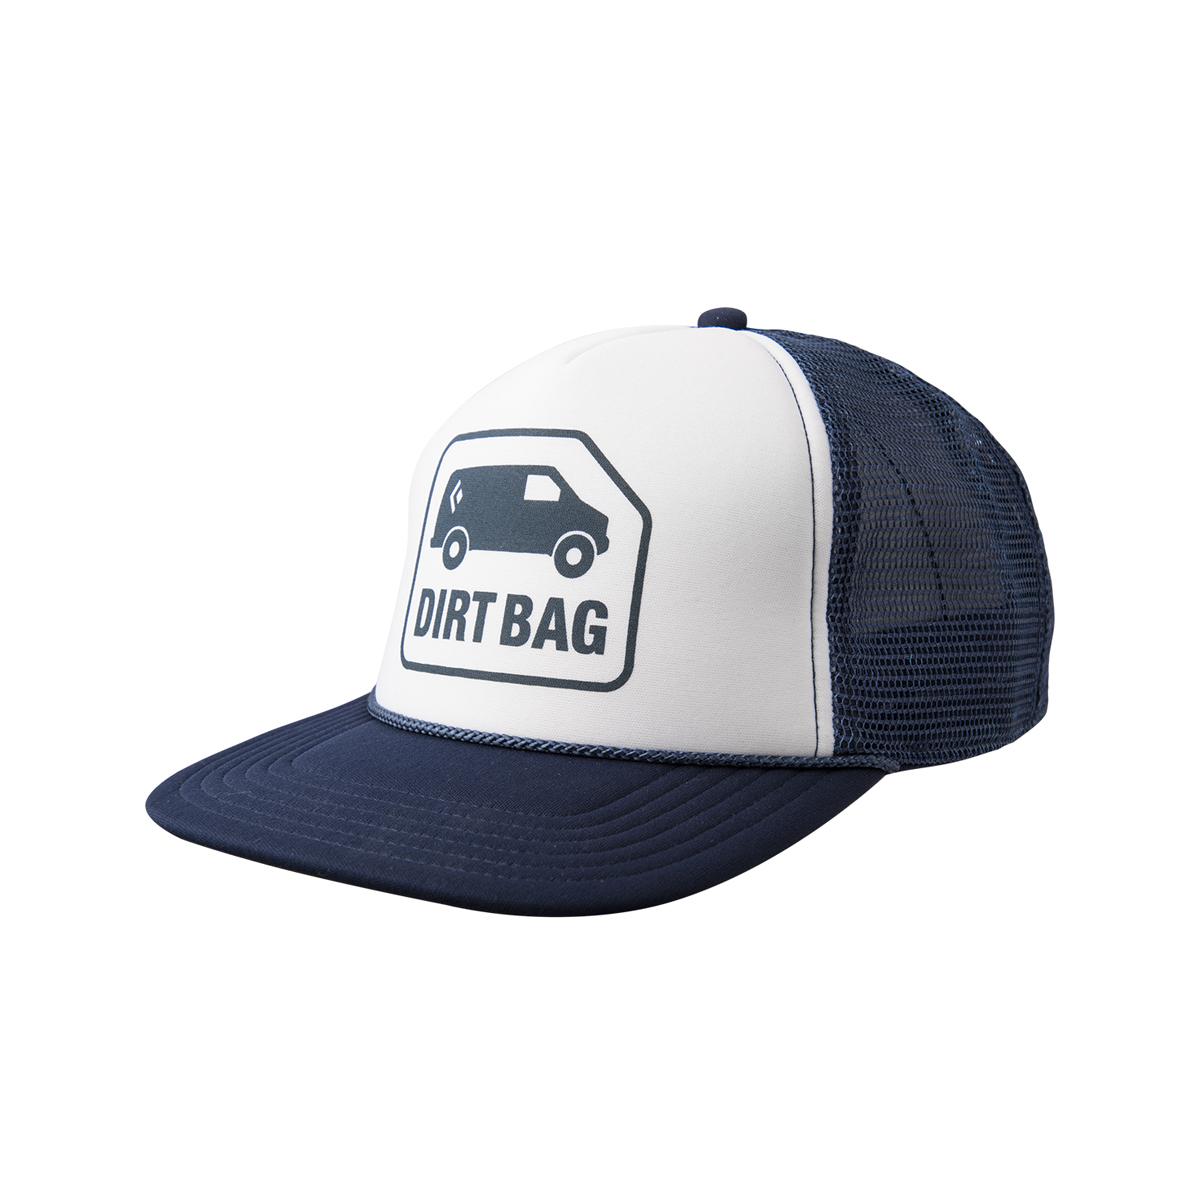 b6cd6efc28d5d Black Diamond Flat Bill Trucker Hat